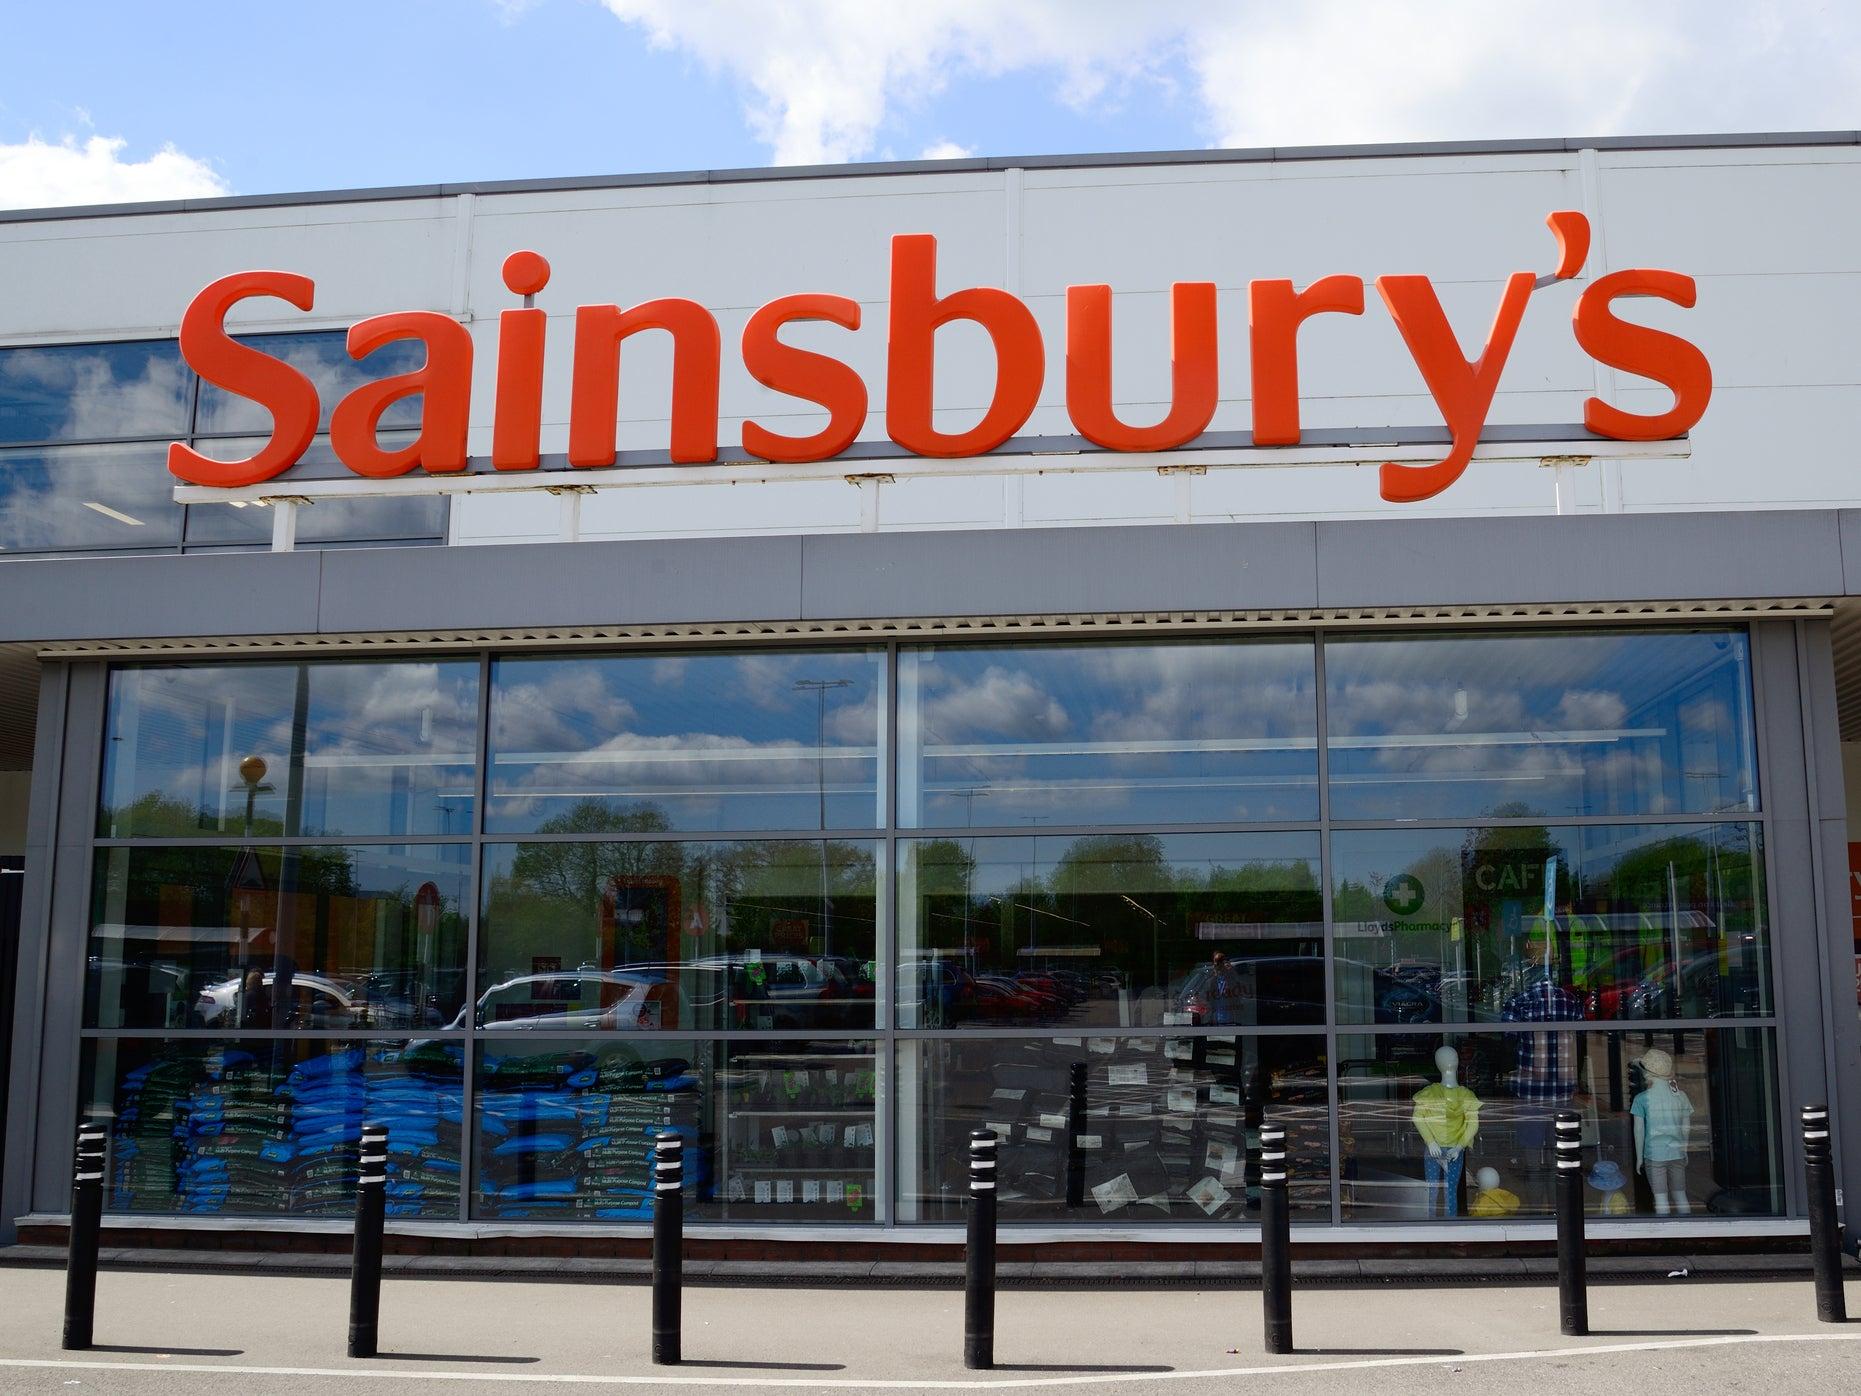 Sainsbury's pledges £1bn to achieve net zero emissions by 2040